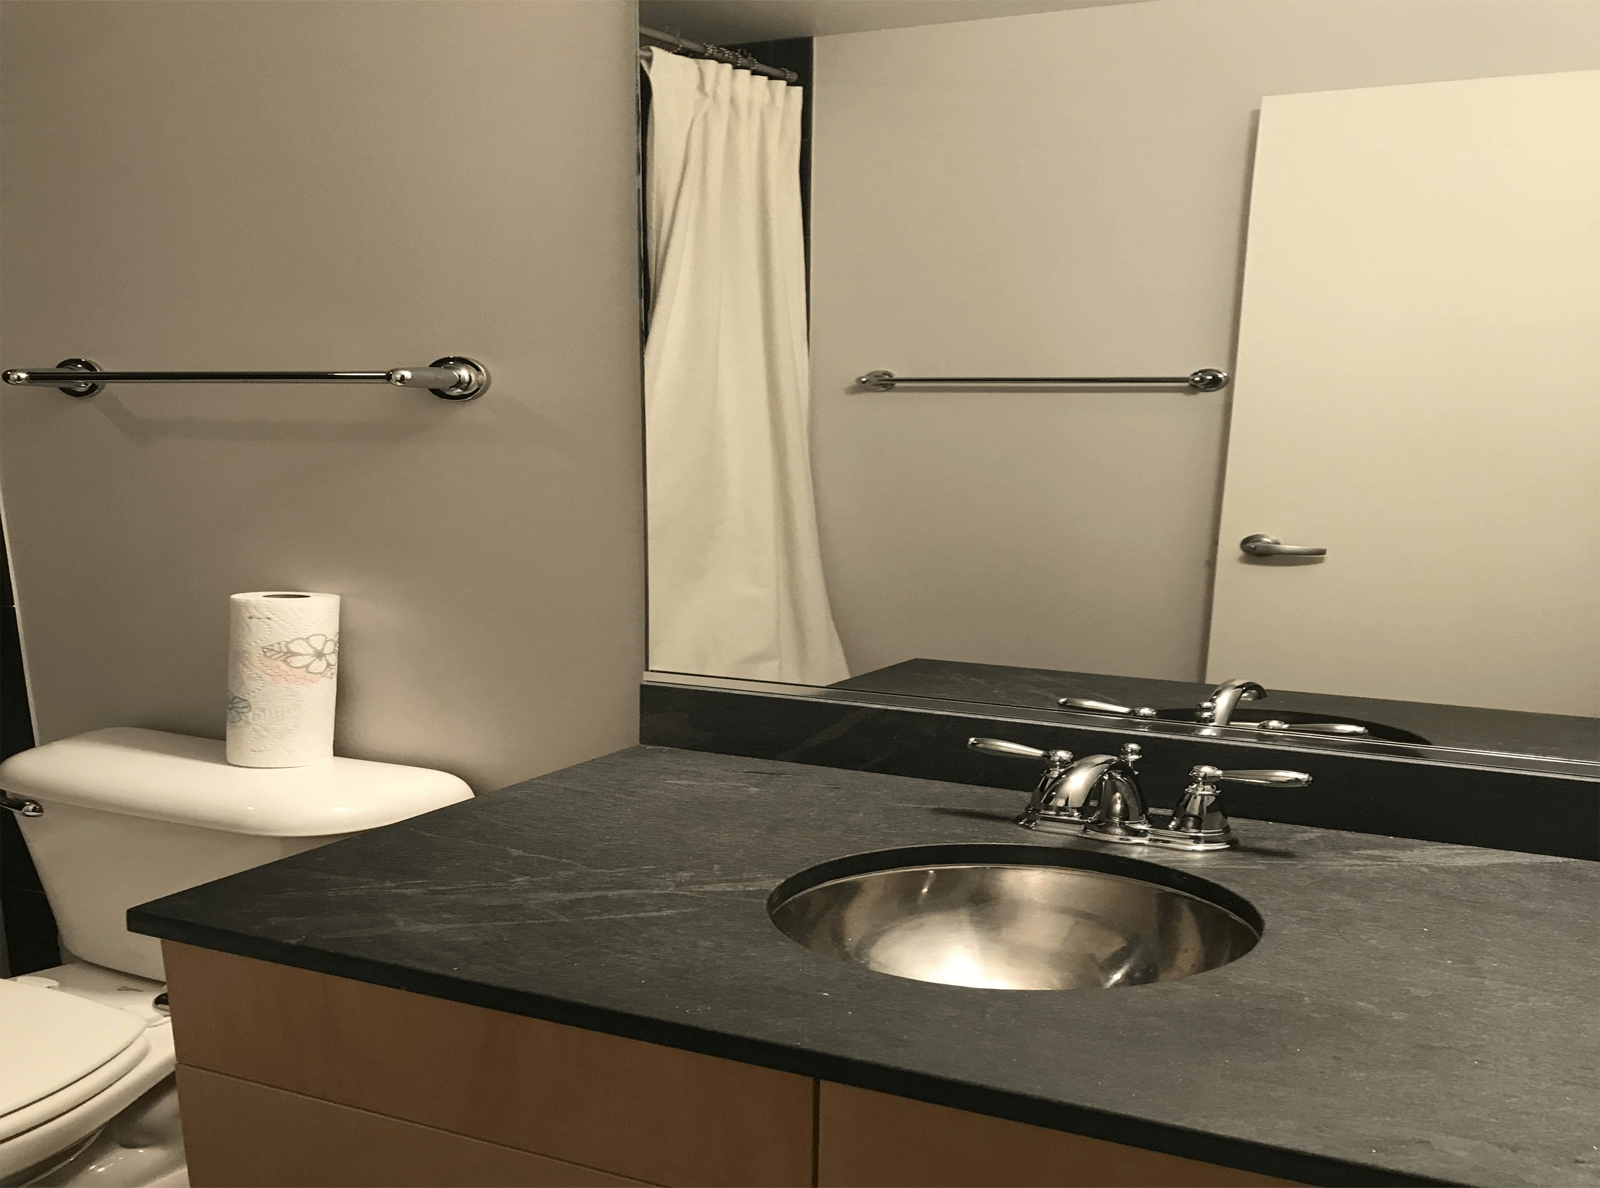 faucetsnstuff plumbing spokane pipe repair